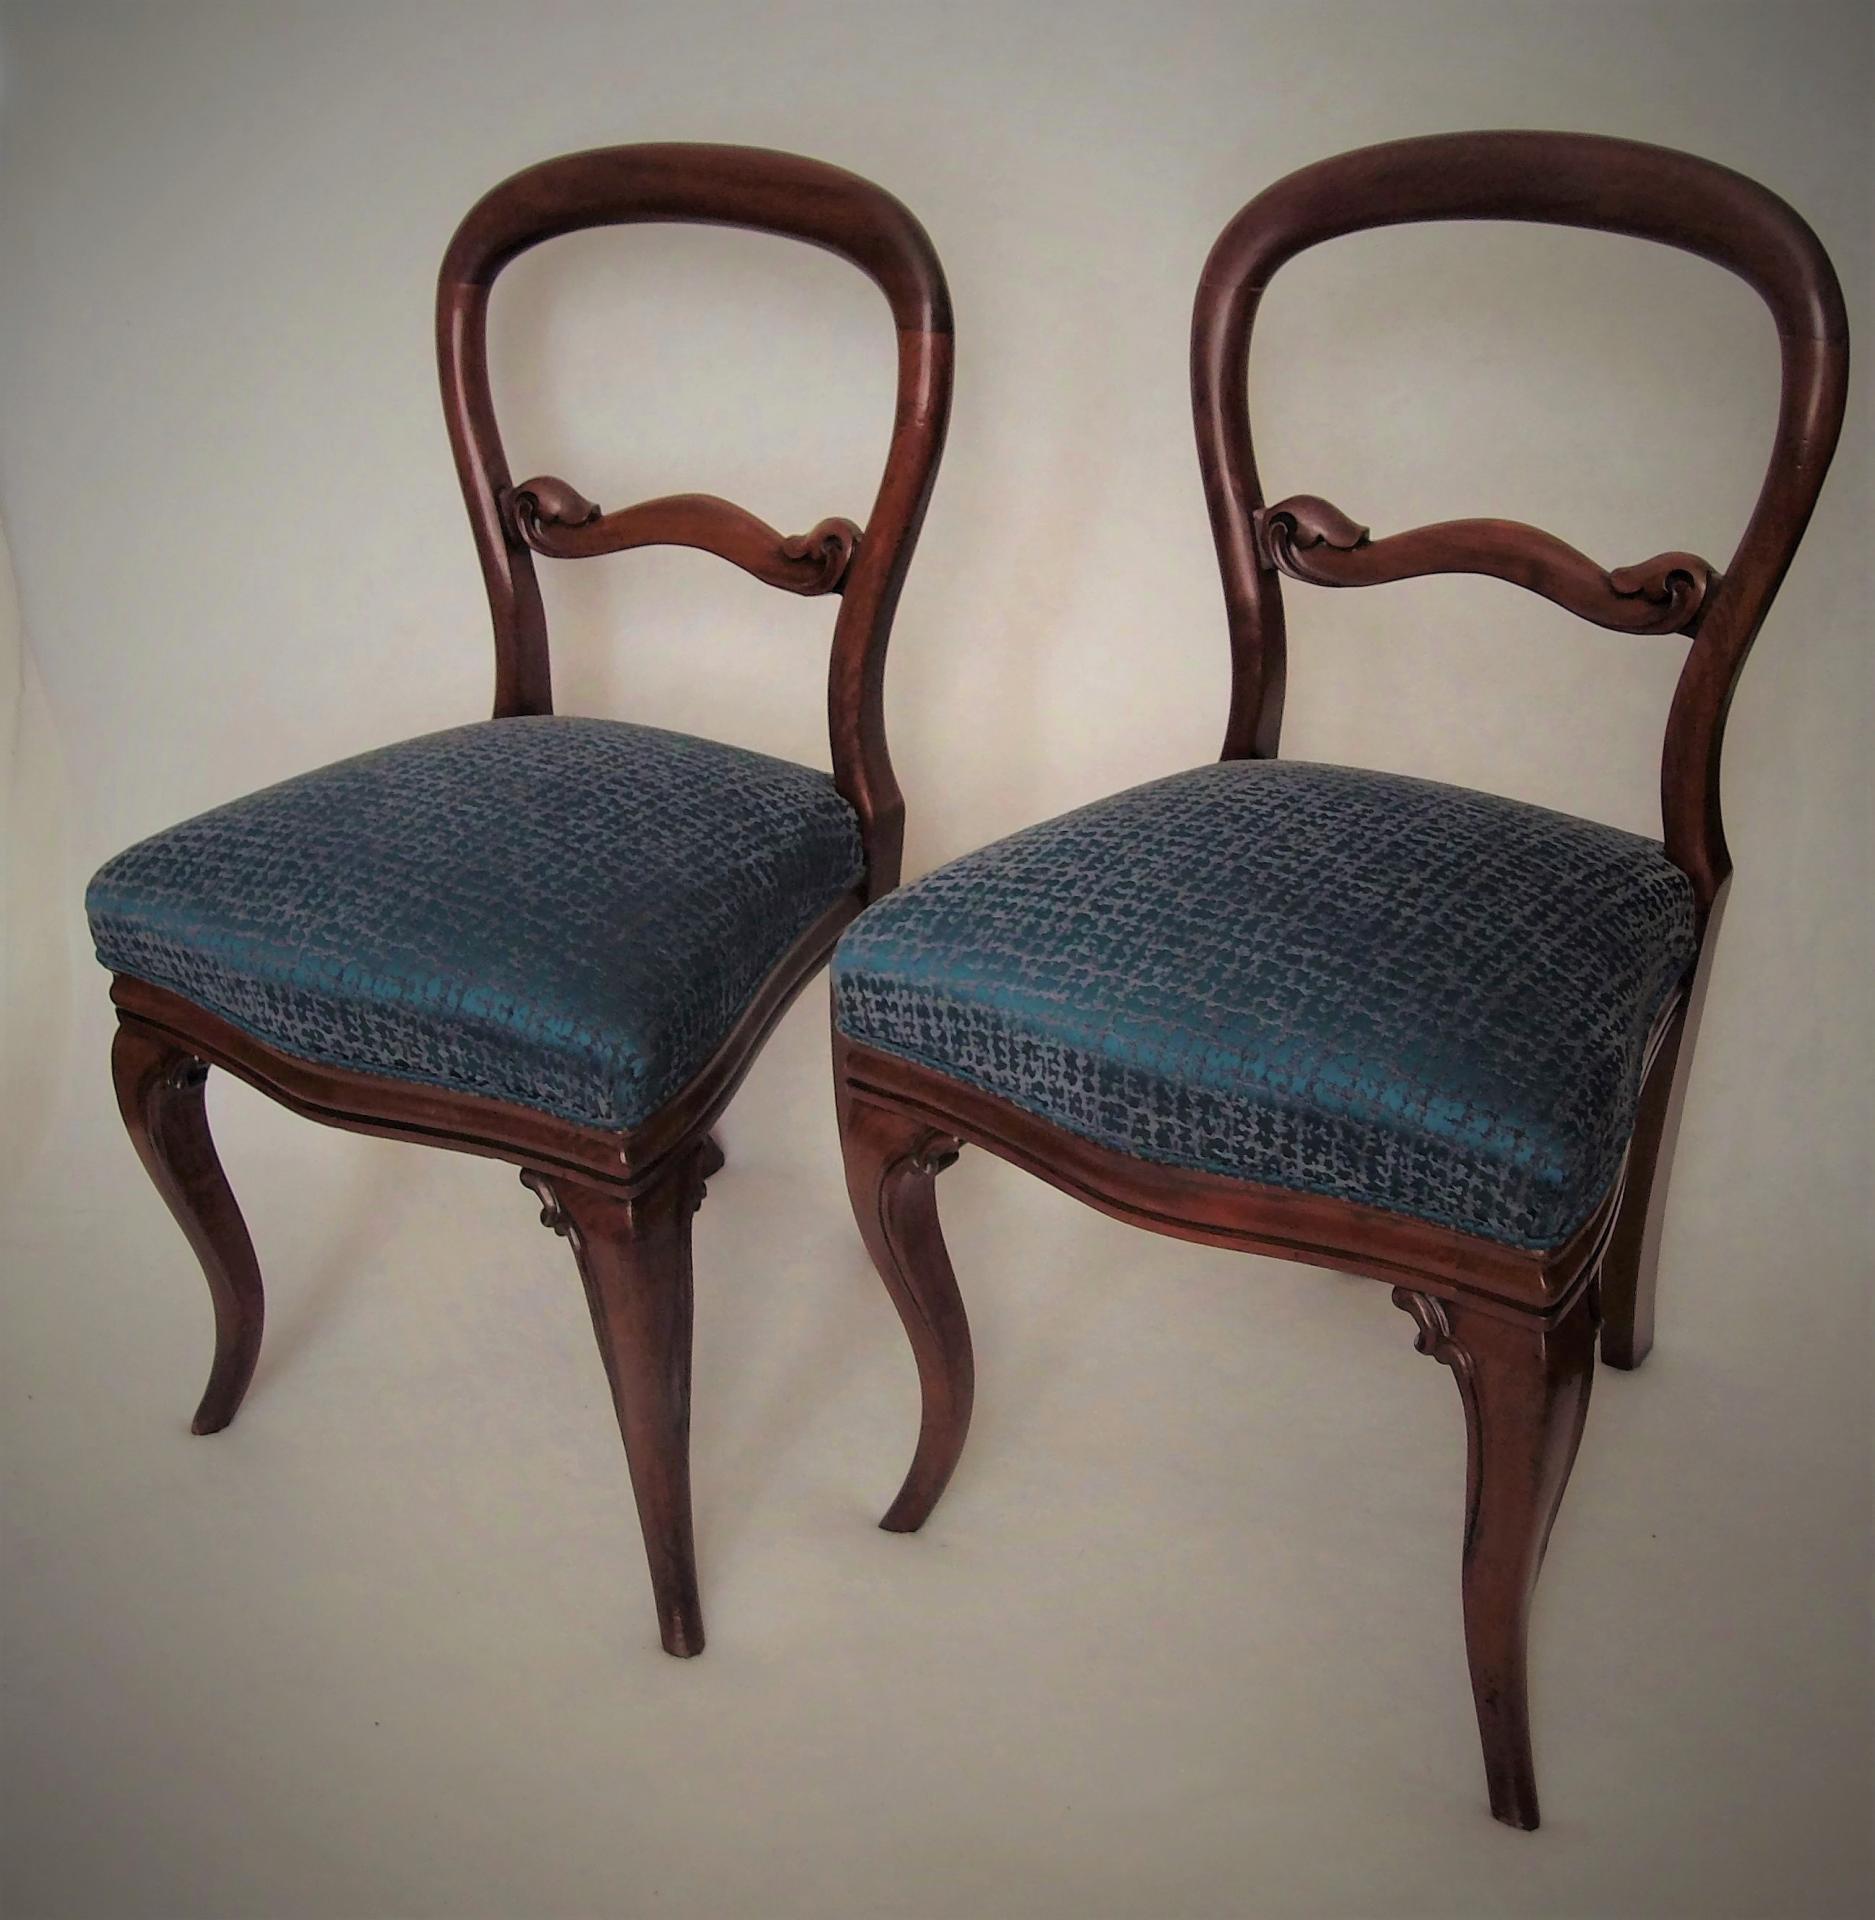 Chaise anglaise beautiful chaise anglaise annes with chaise anglaise fabulous chaise anglaise - Chaise longue en anglais ...